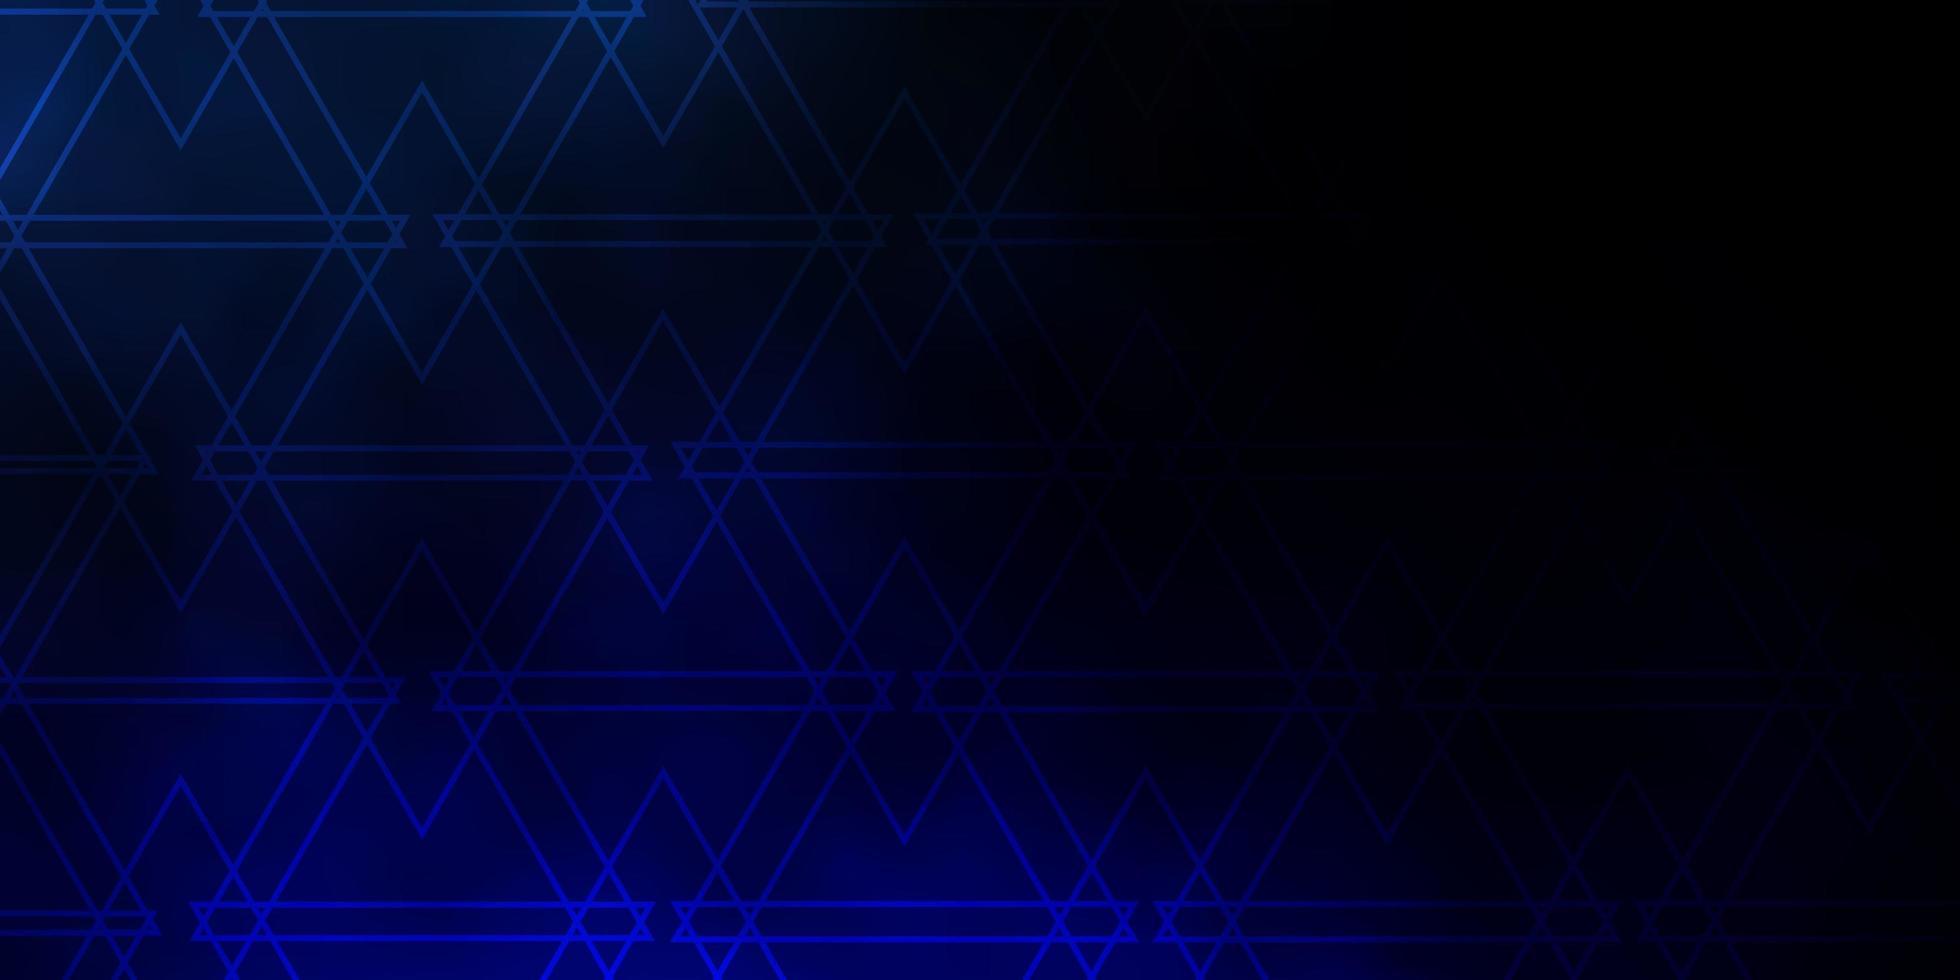 layout blu scuro con linee, triangoli. vettore